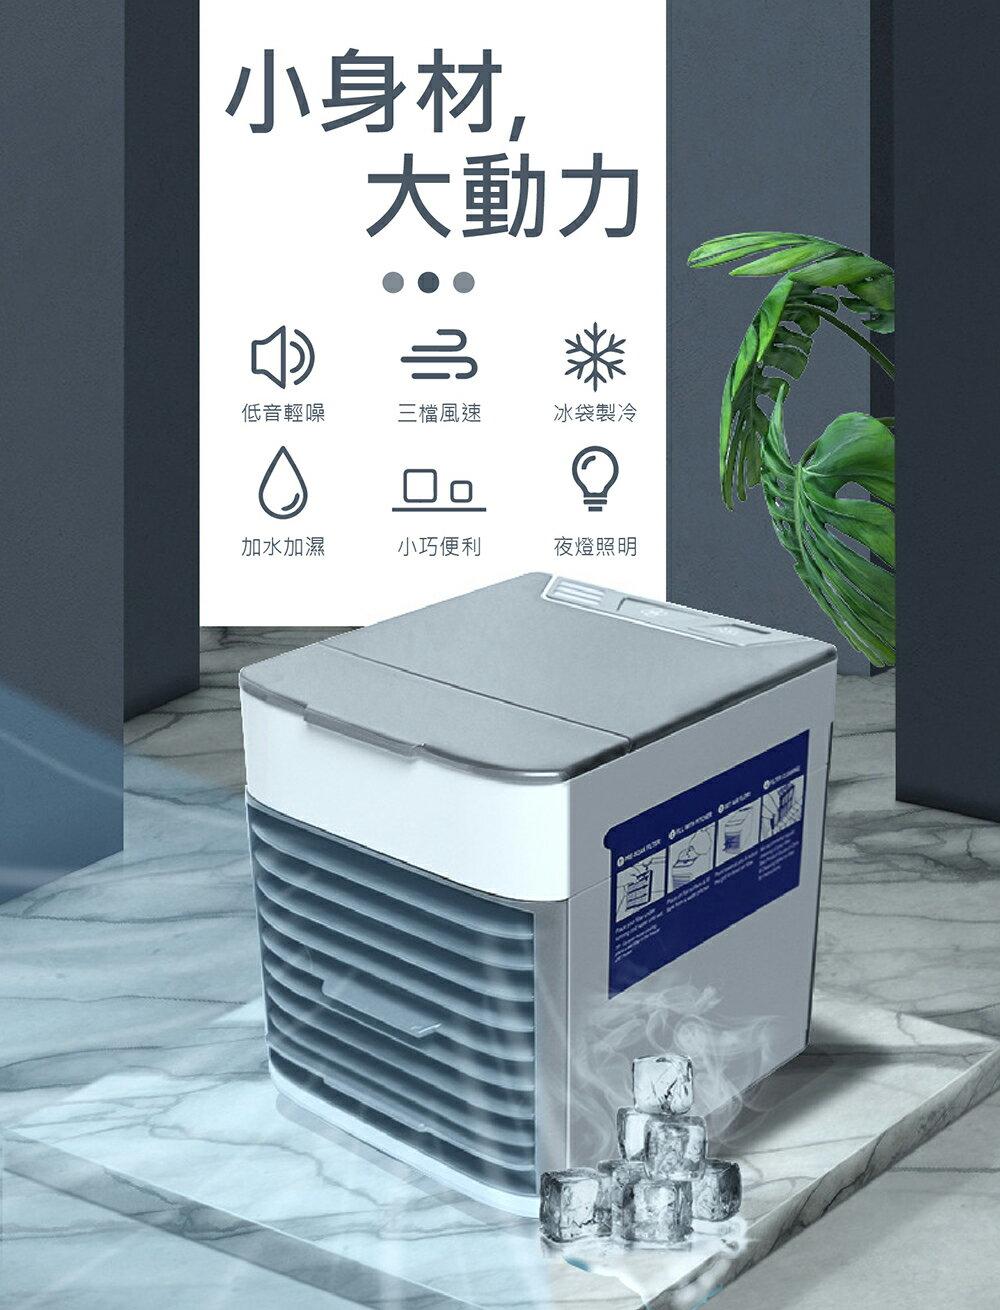 滿666現折50元【免運 全新-第二代 水冷風扇 送冰袋x10】低音輕噪 水冷扇 冷風扇 迷你空調 冷風扇 電風扇 小風扇 電風扇 水冷氣 USB風扇 1